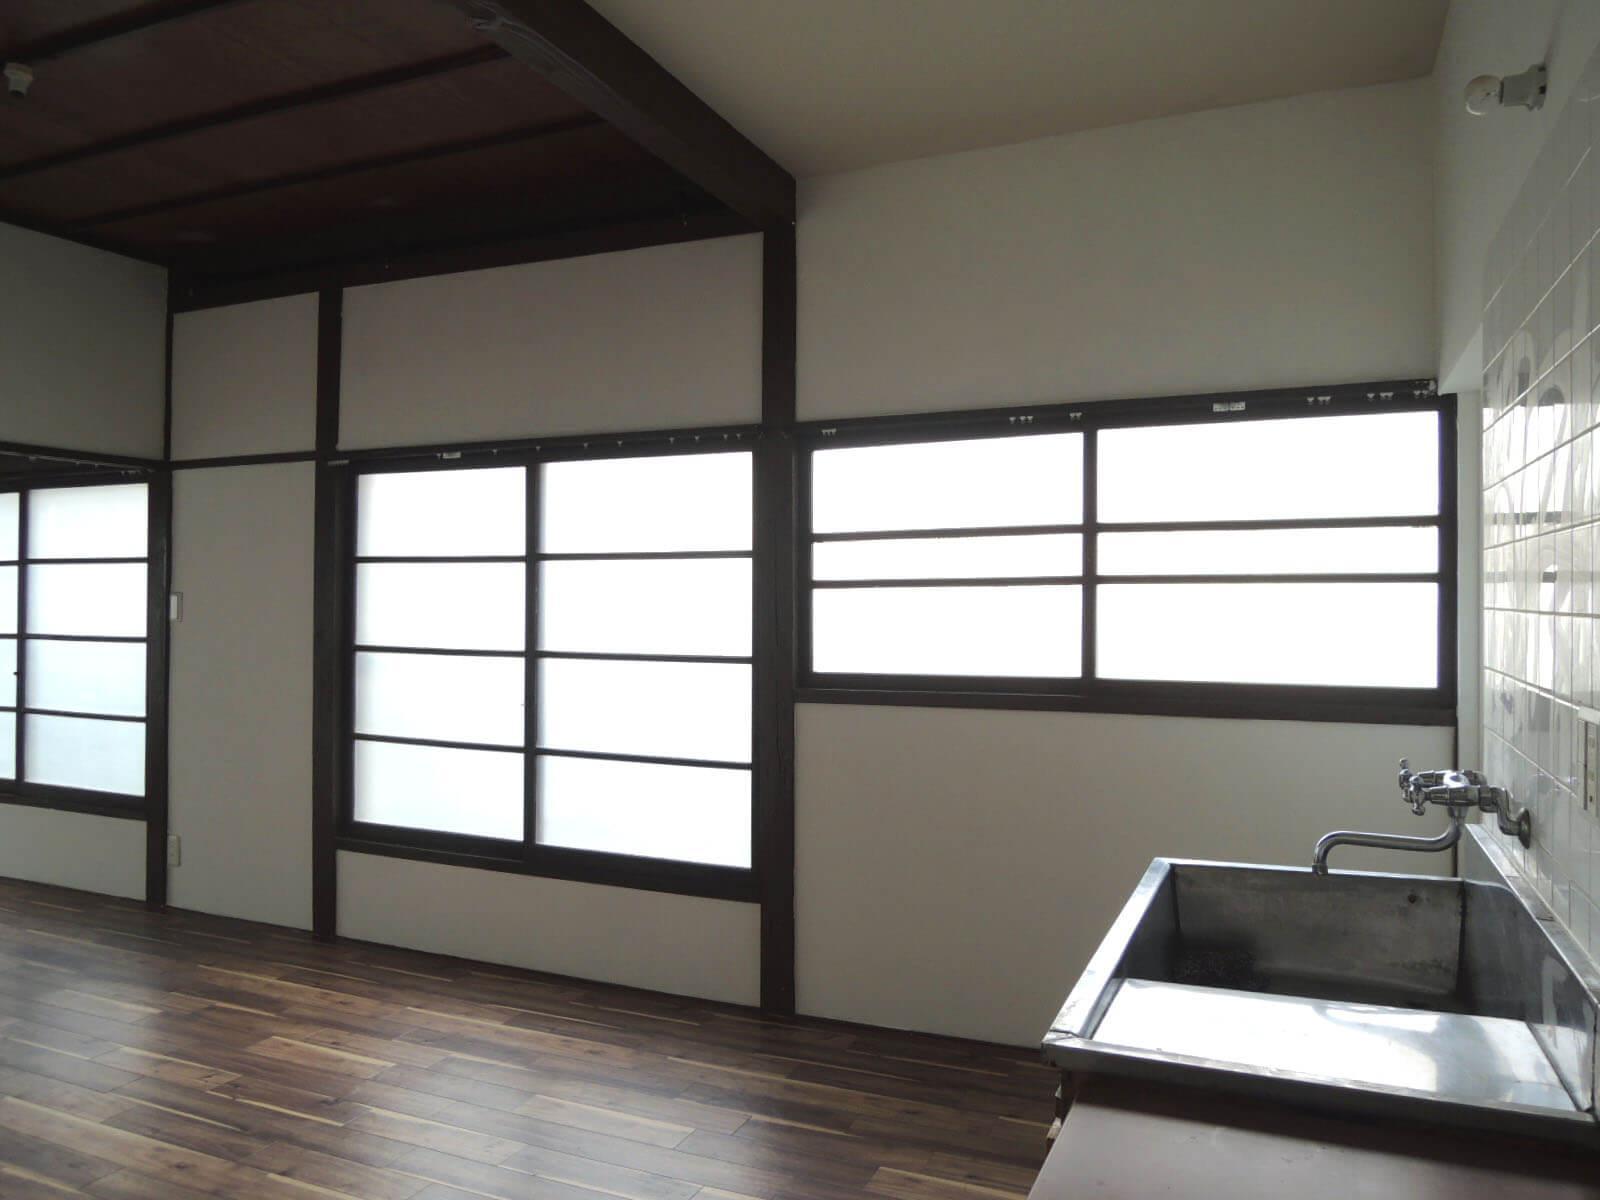 窓は木枠、鍵はネジ式の古いタイプです